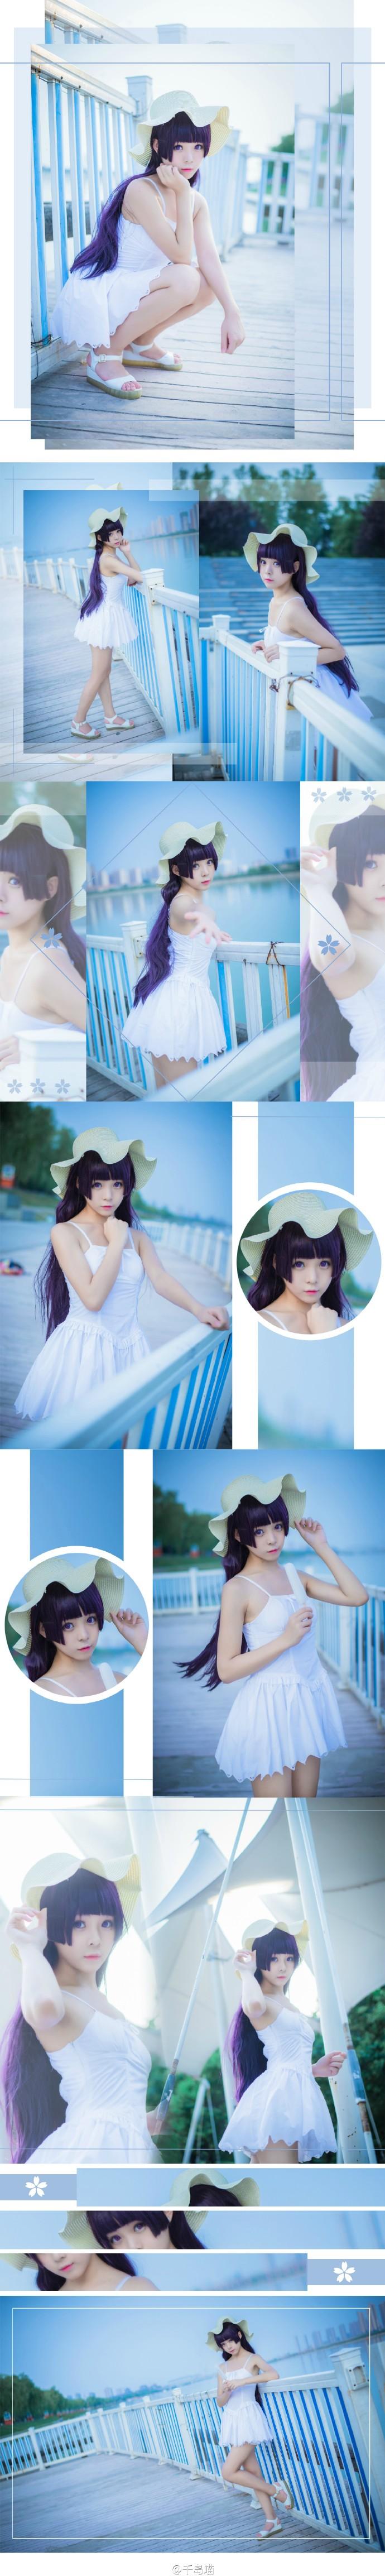 【cos】我的妹妹哪有这么可爱 五更琉璃白裙